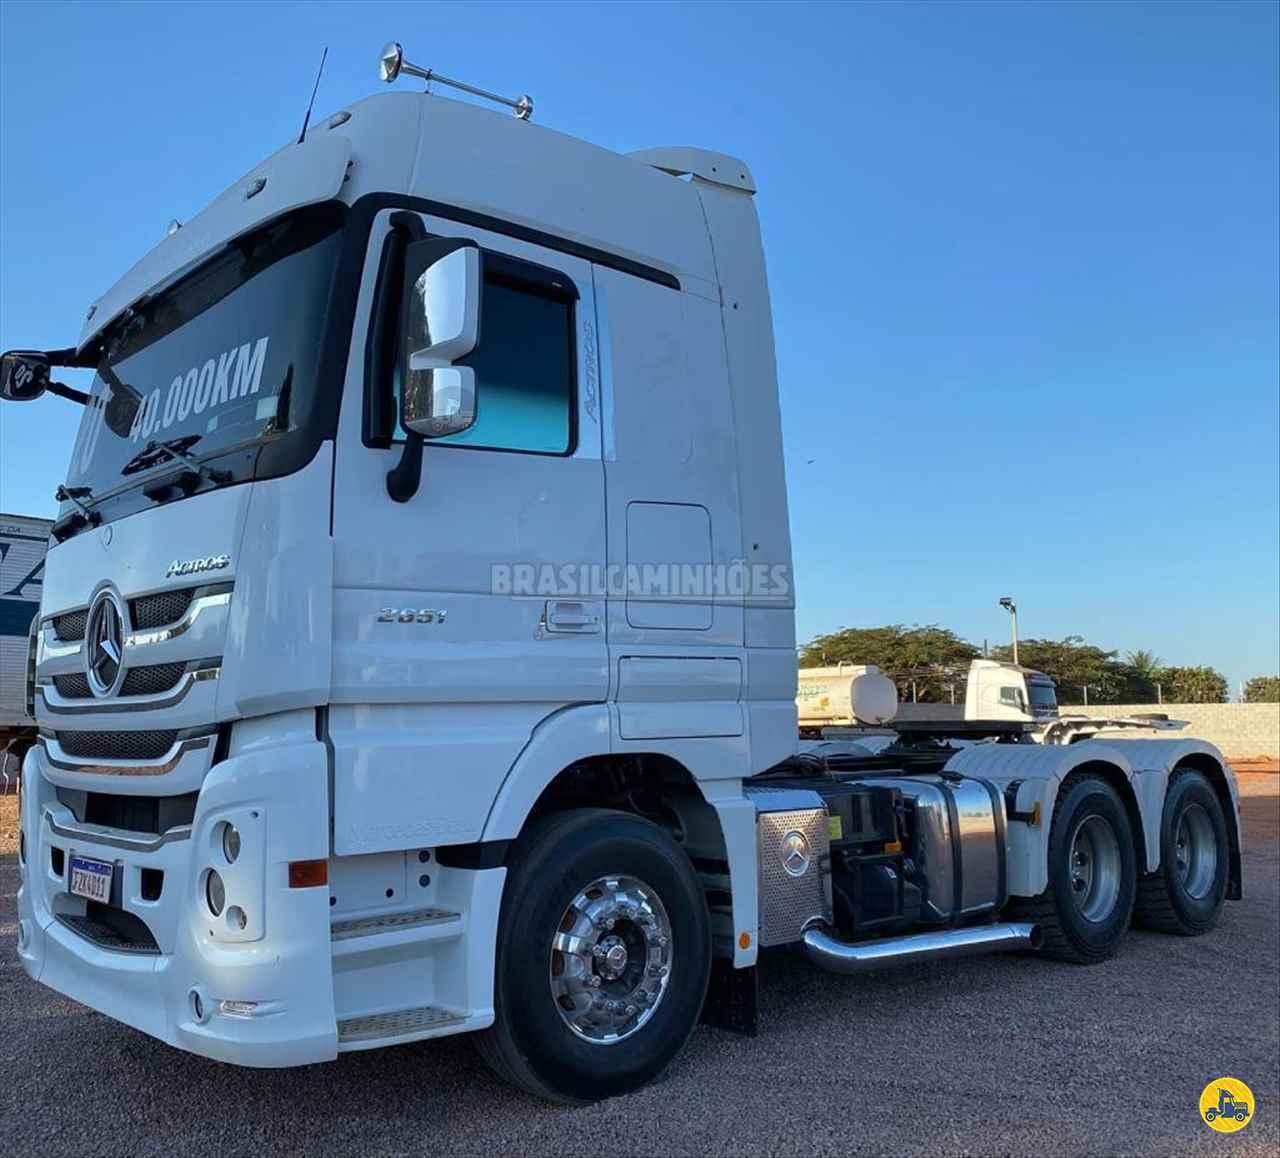 CAMINHAO MERCEDES-BENZ MB 2651 Cavalo Mecânico Traçado 6x4 Brasil Caminhões Sinop SINOP MATO GROSSO MT